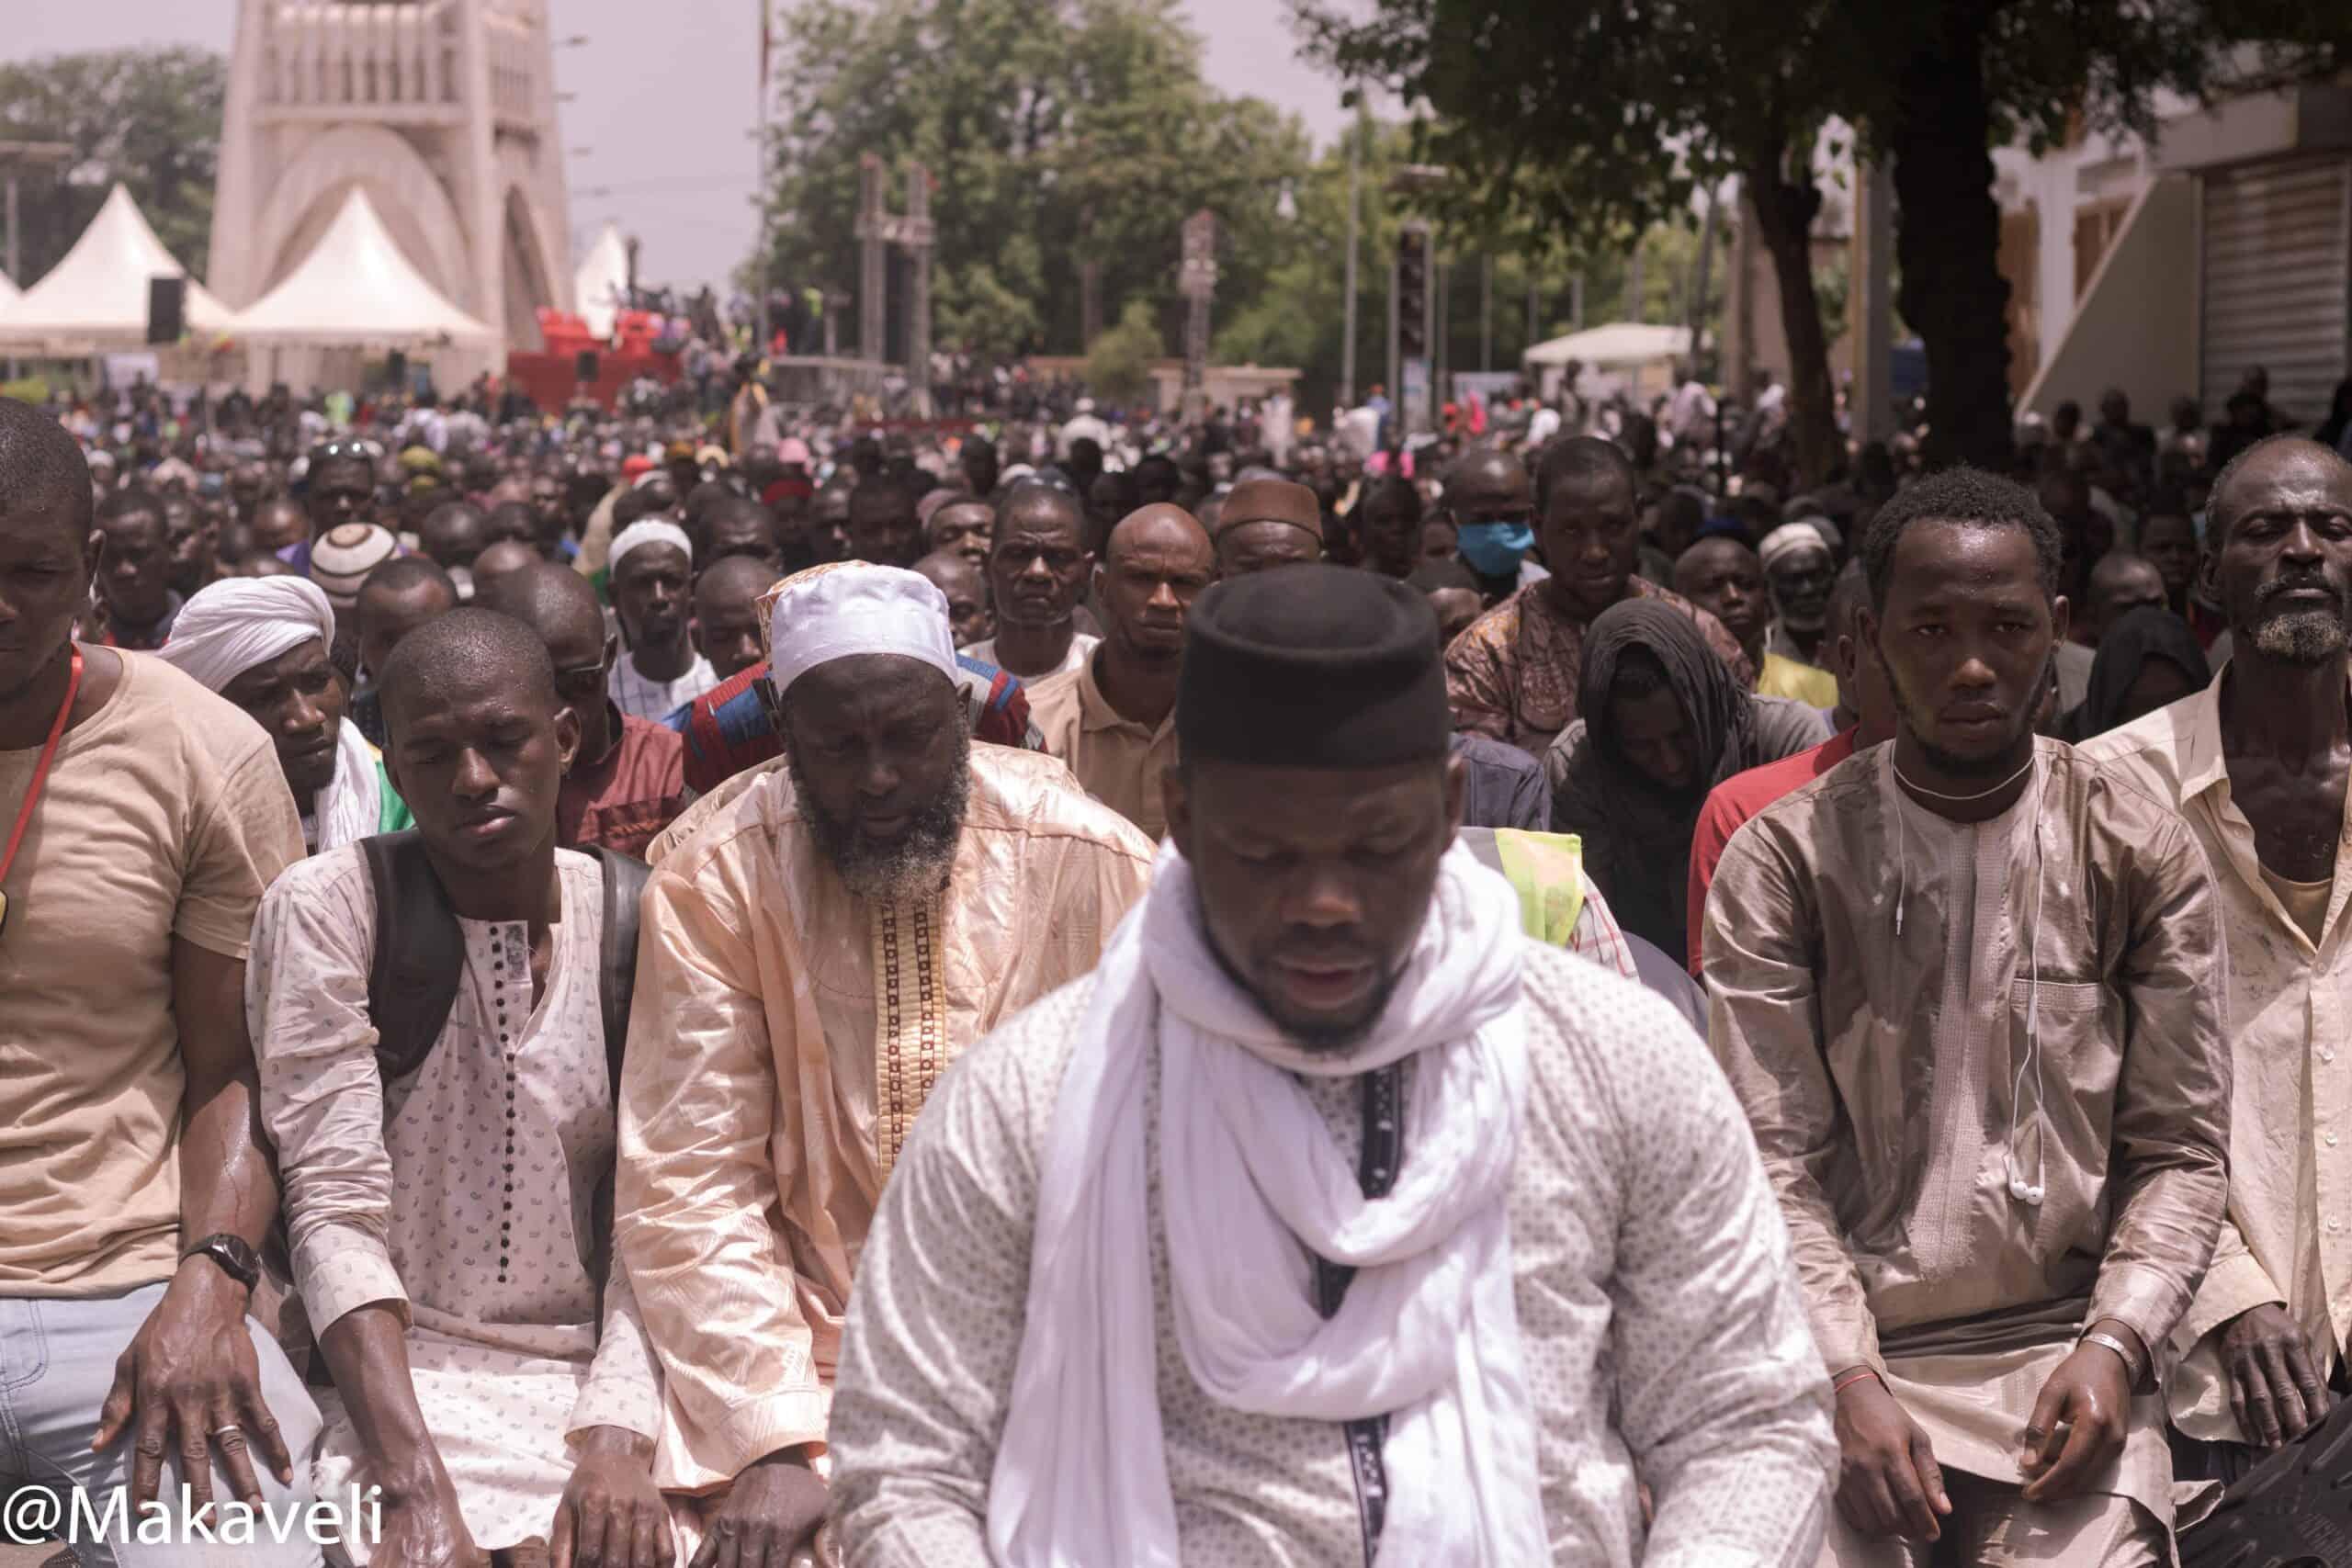 En images : à Bamako, à la manif du 5 juin